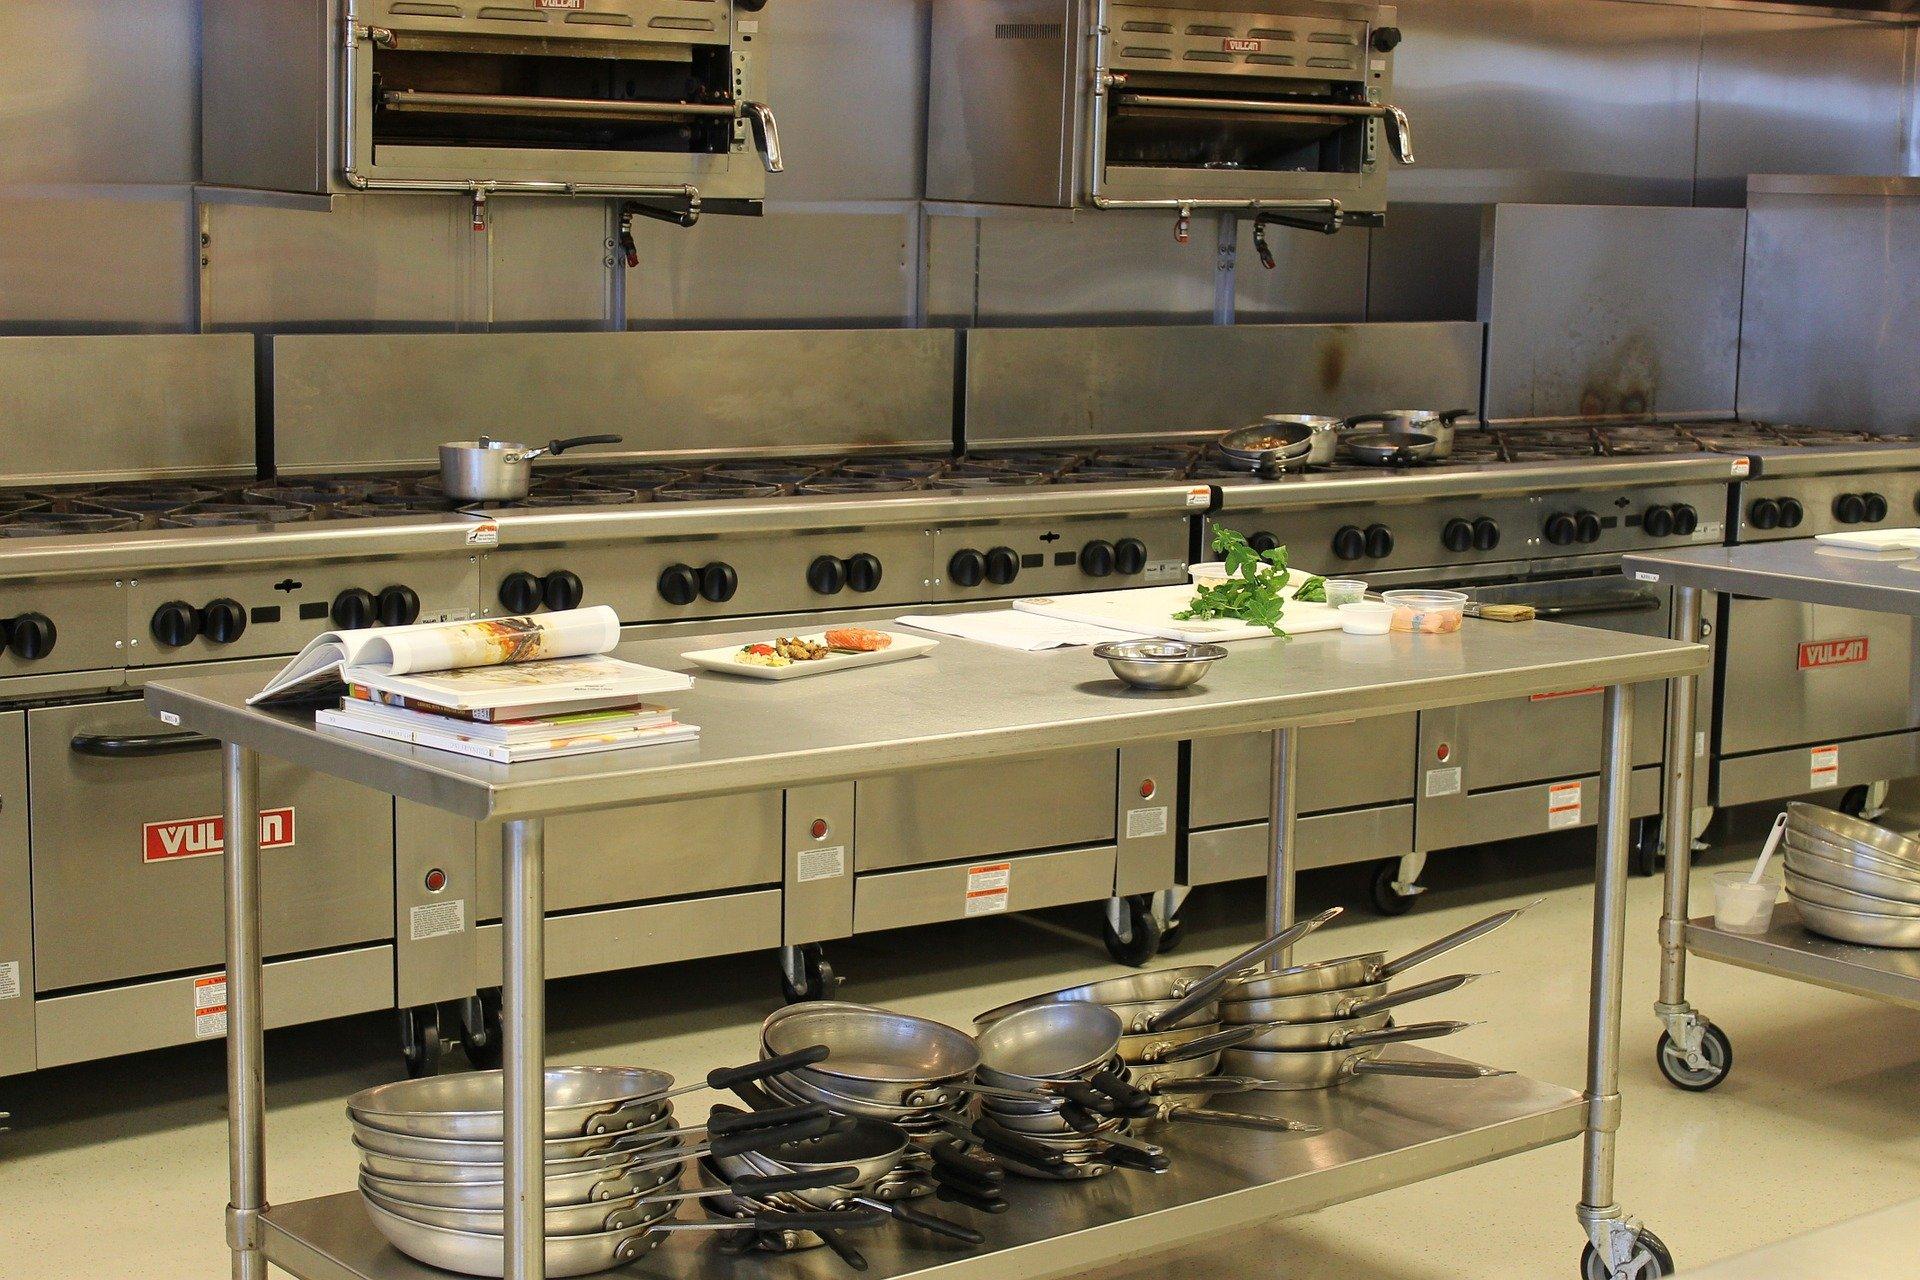 Limpar a Cozinha Industrial: o desafio do dia a dia.